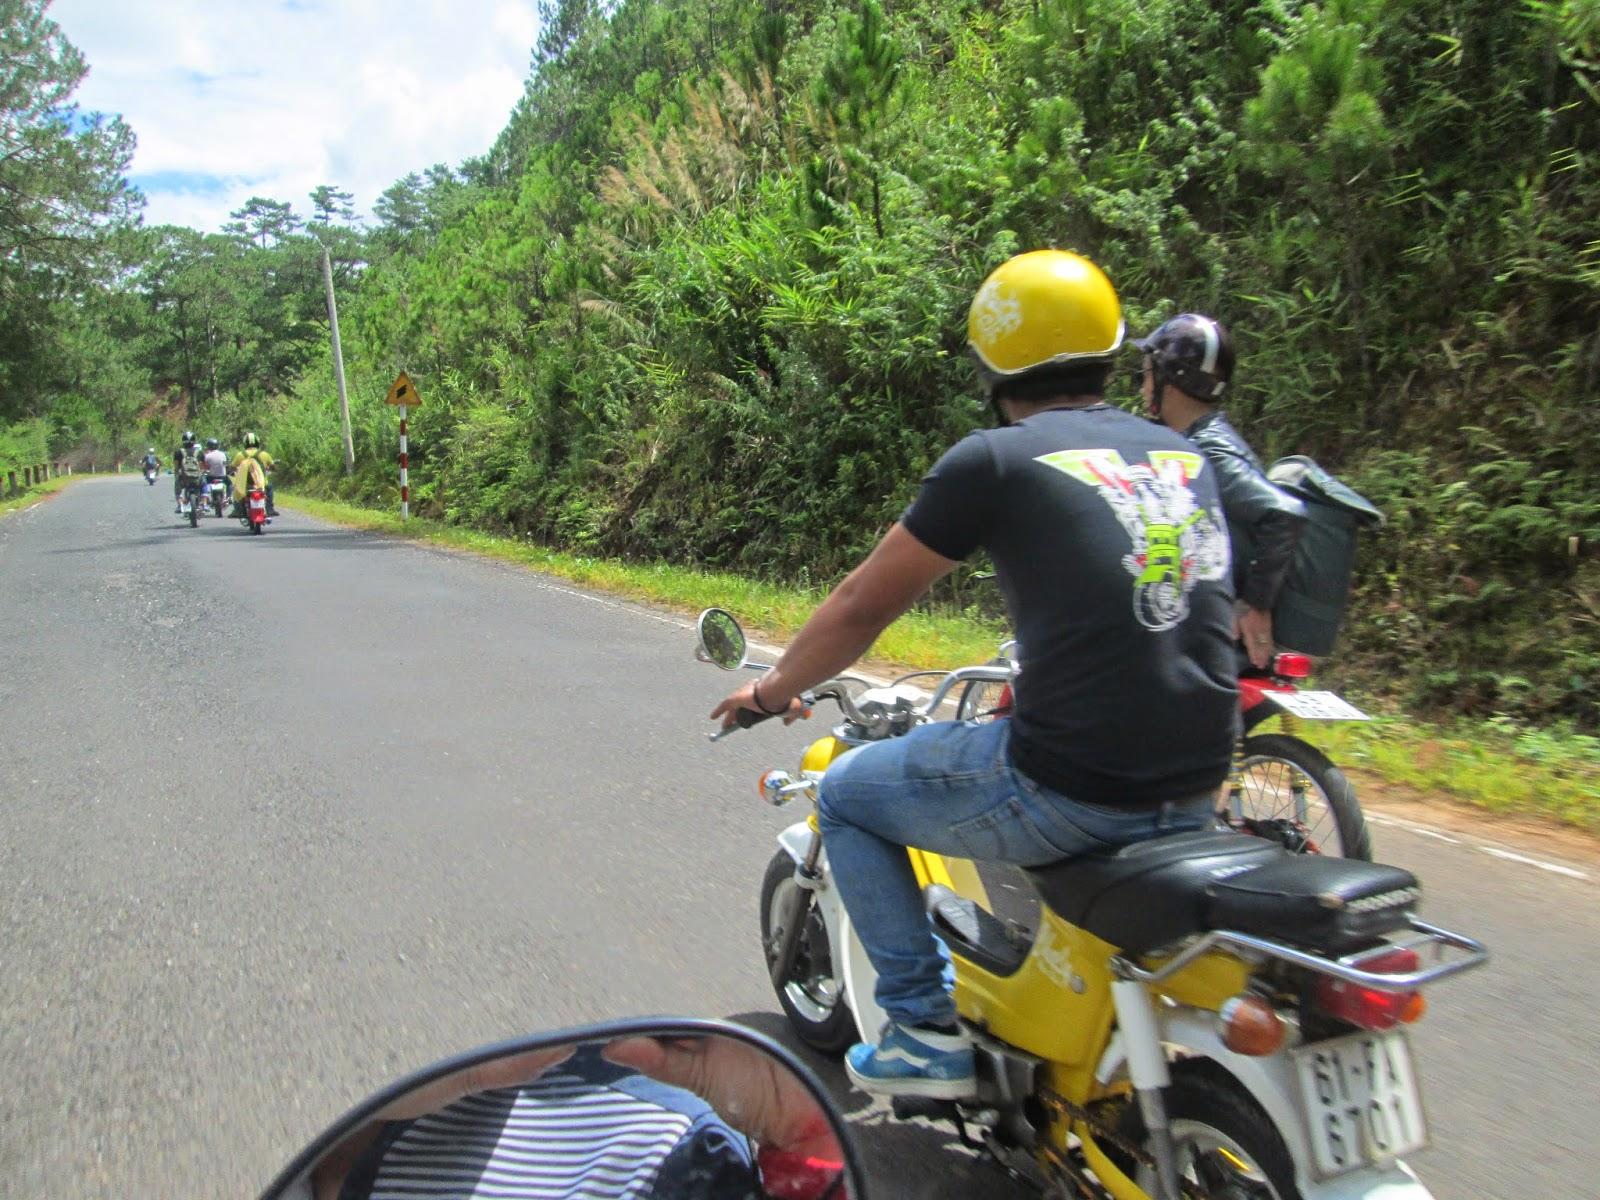 Kinh nghiệm đi xe máy từ Sài Gòn đến Đà Lạt